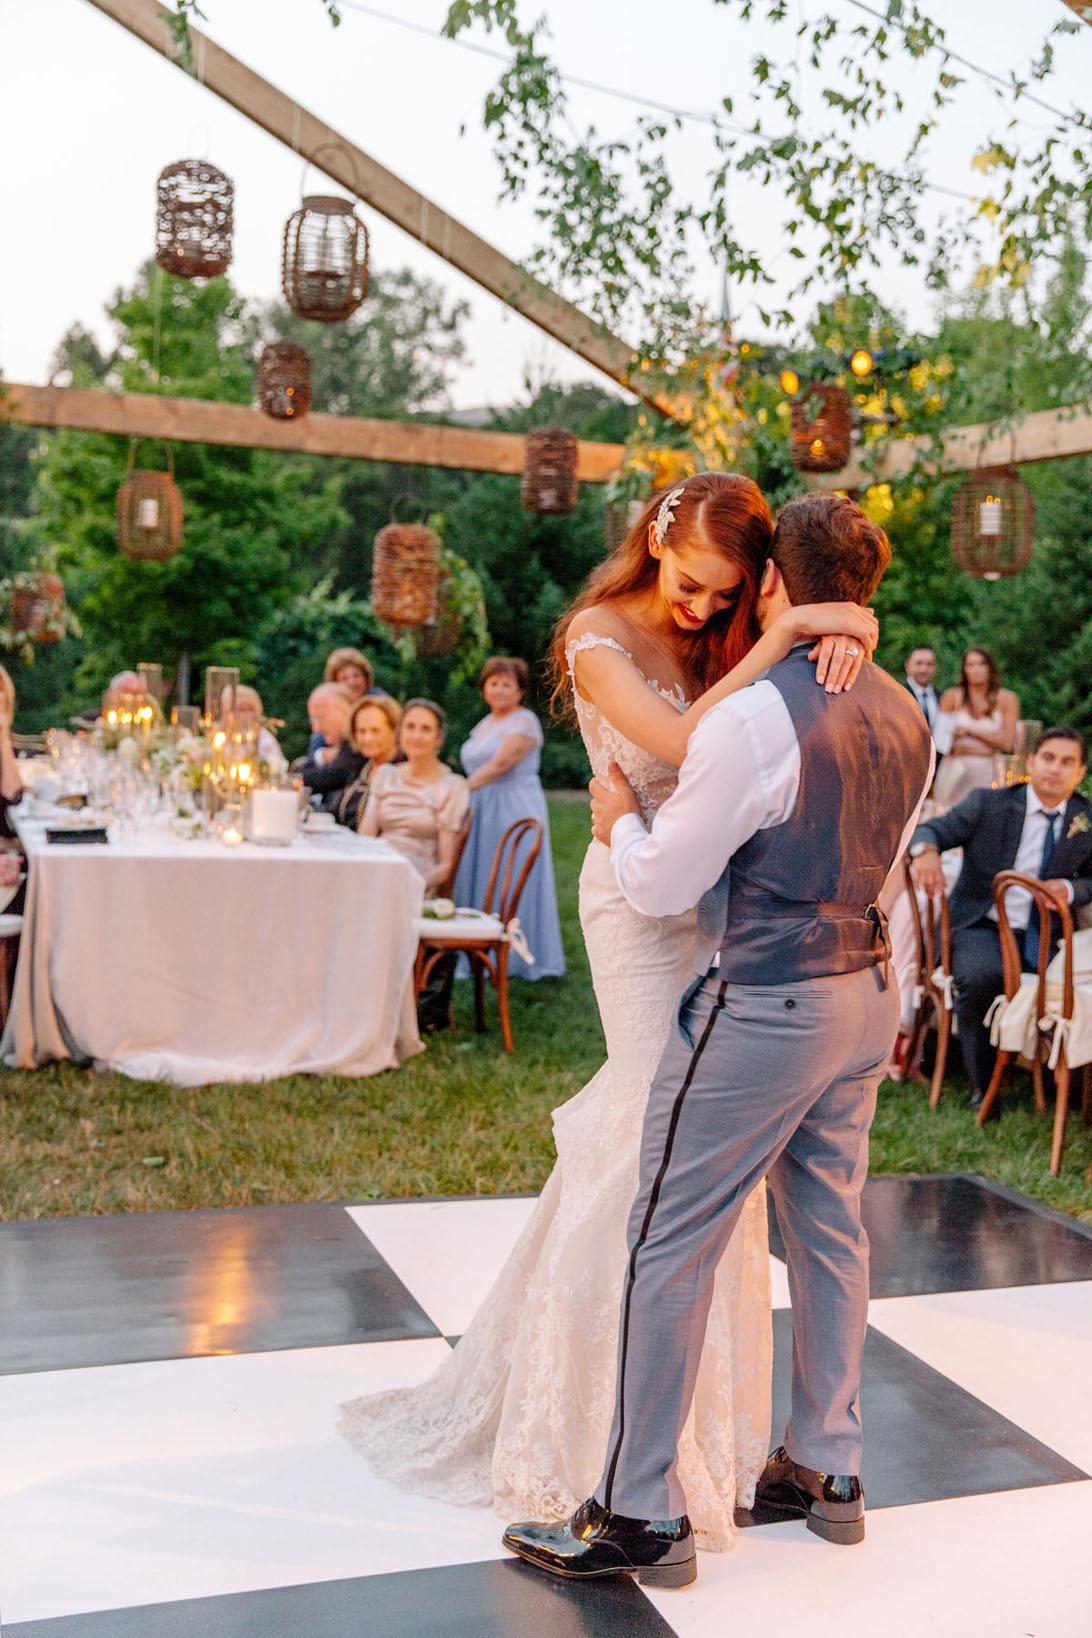 64-bride-groom-first-dance.jpg